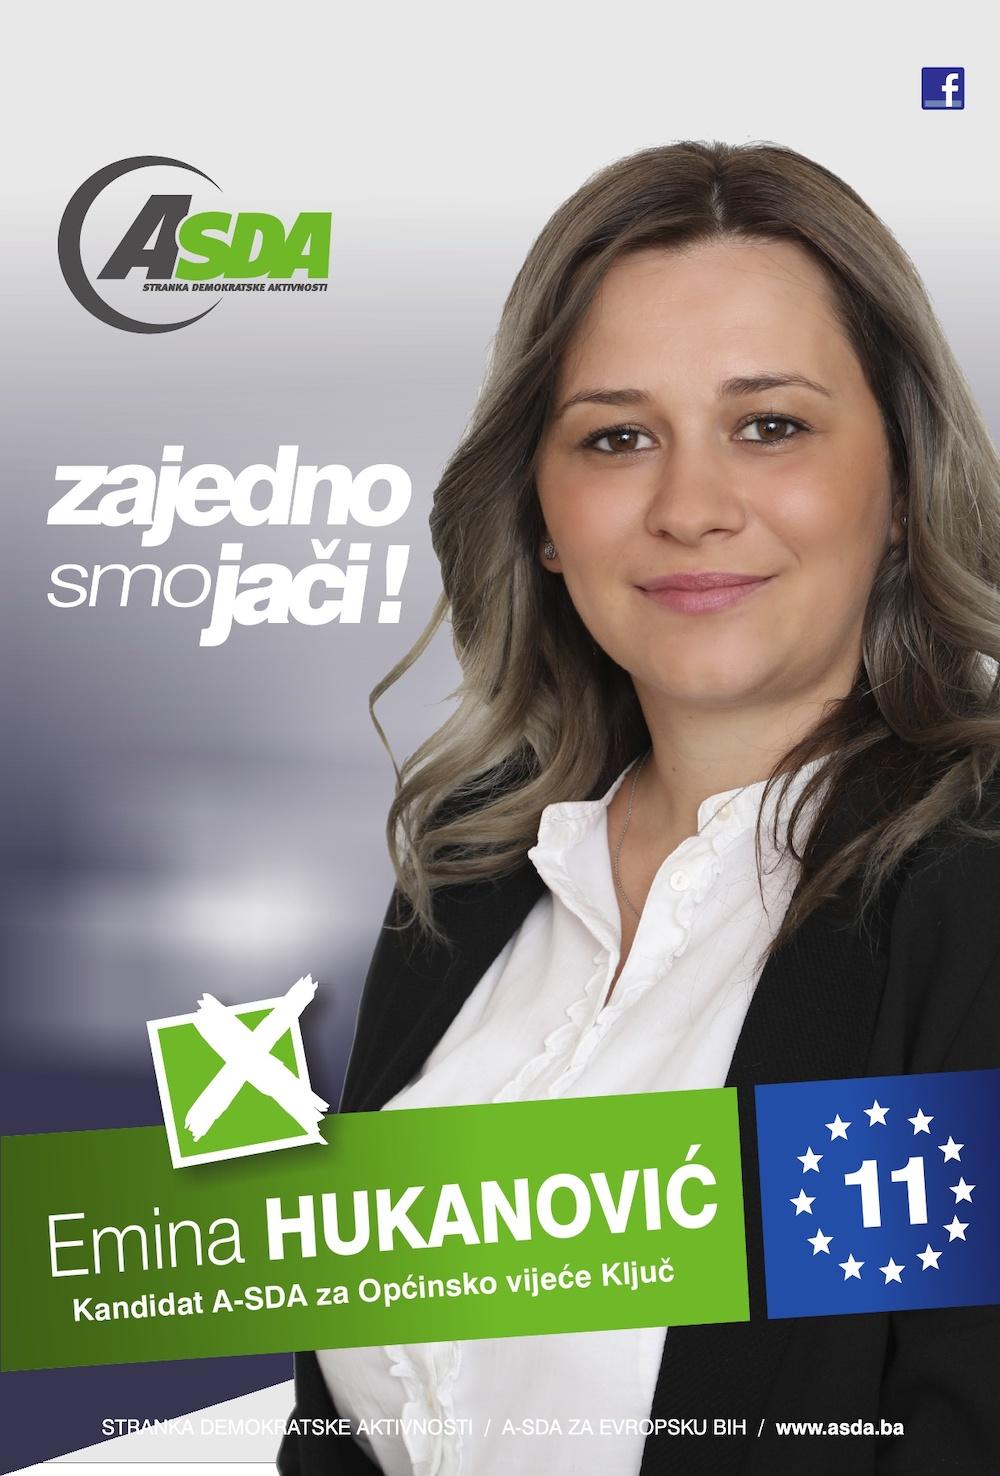 Rođena 22.05.1987. godine u Banja Luci. Po zanimanju je medicinski tehničar. Udana, majka dvoje djece. Članica Asocijacije žena ASDA Ključ. Nezaposlena.